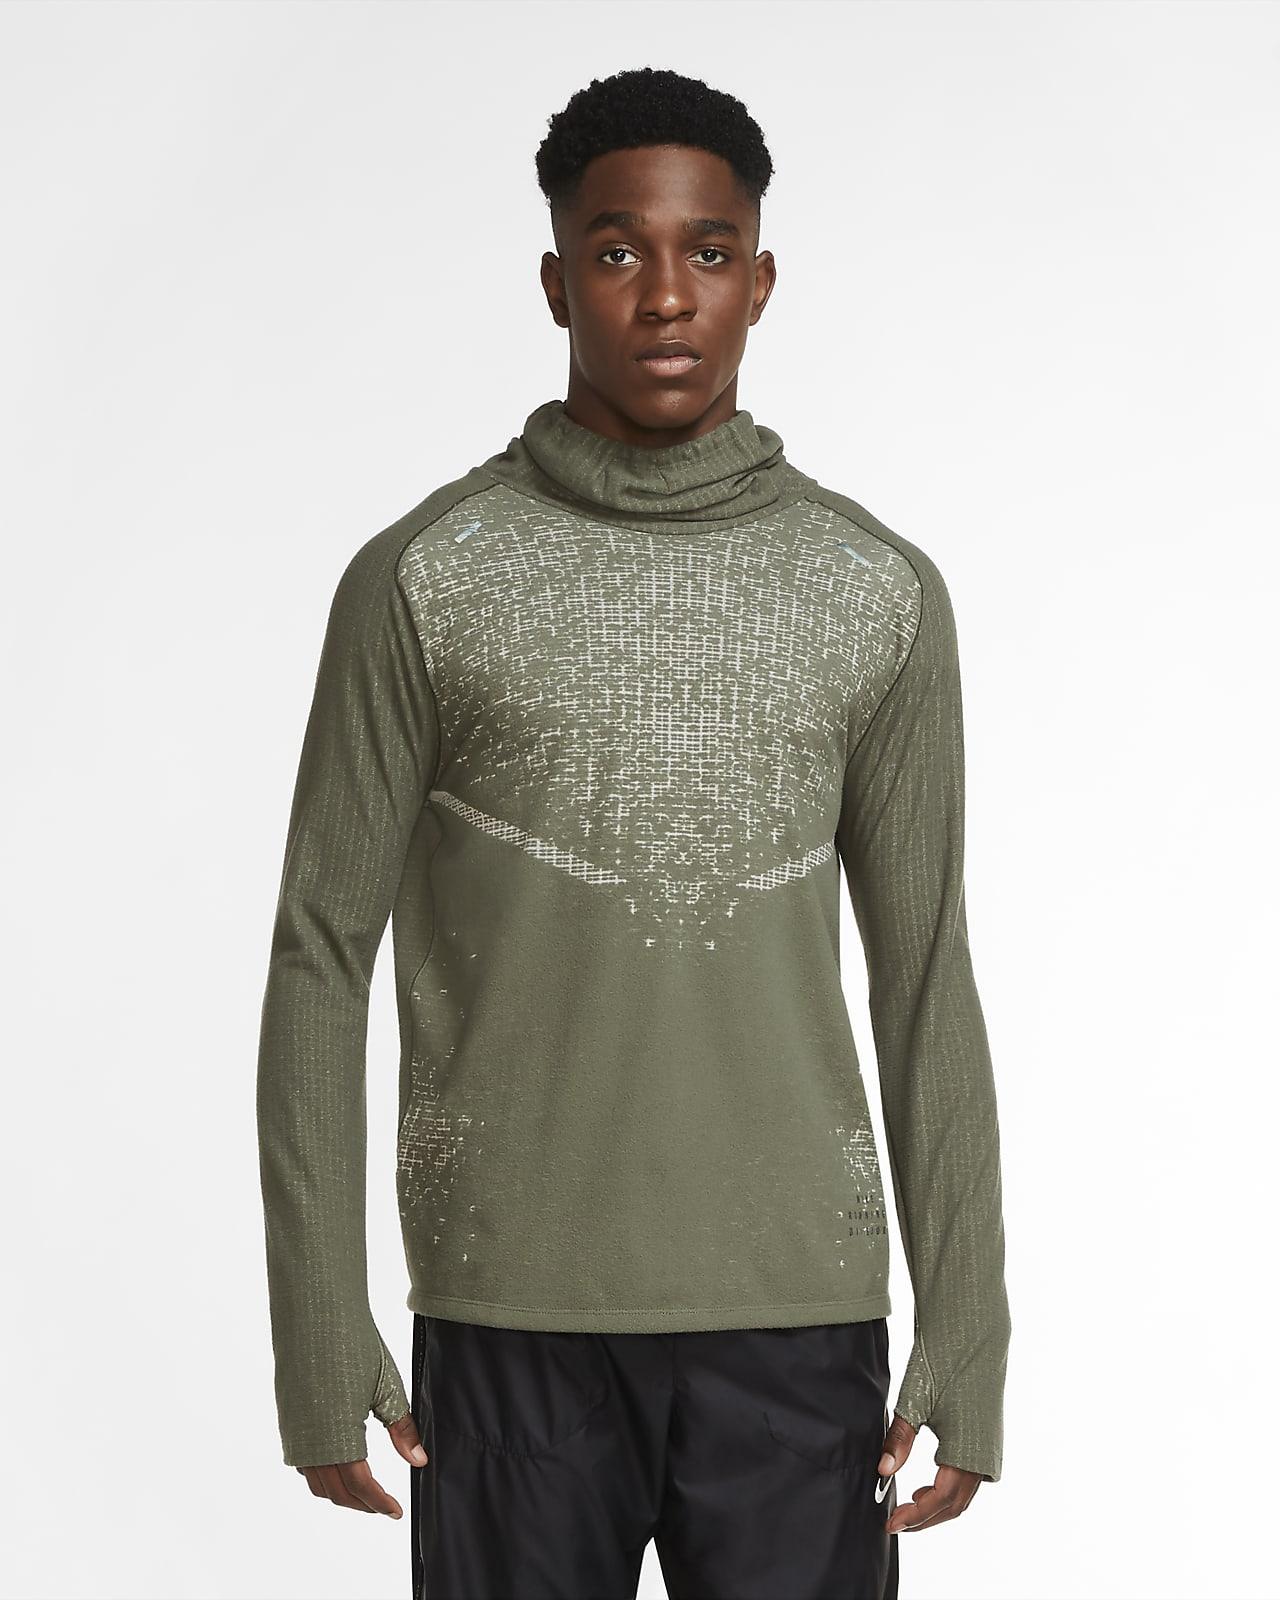 Nike Run Division Wooldorado Herren-Laufoberteil